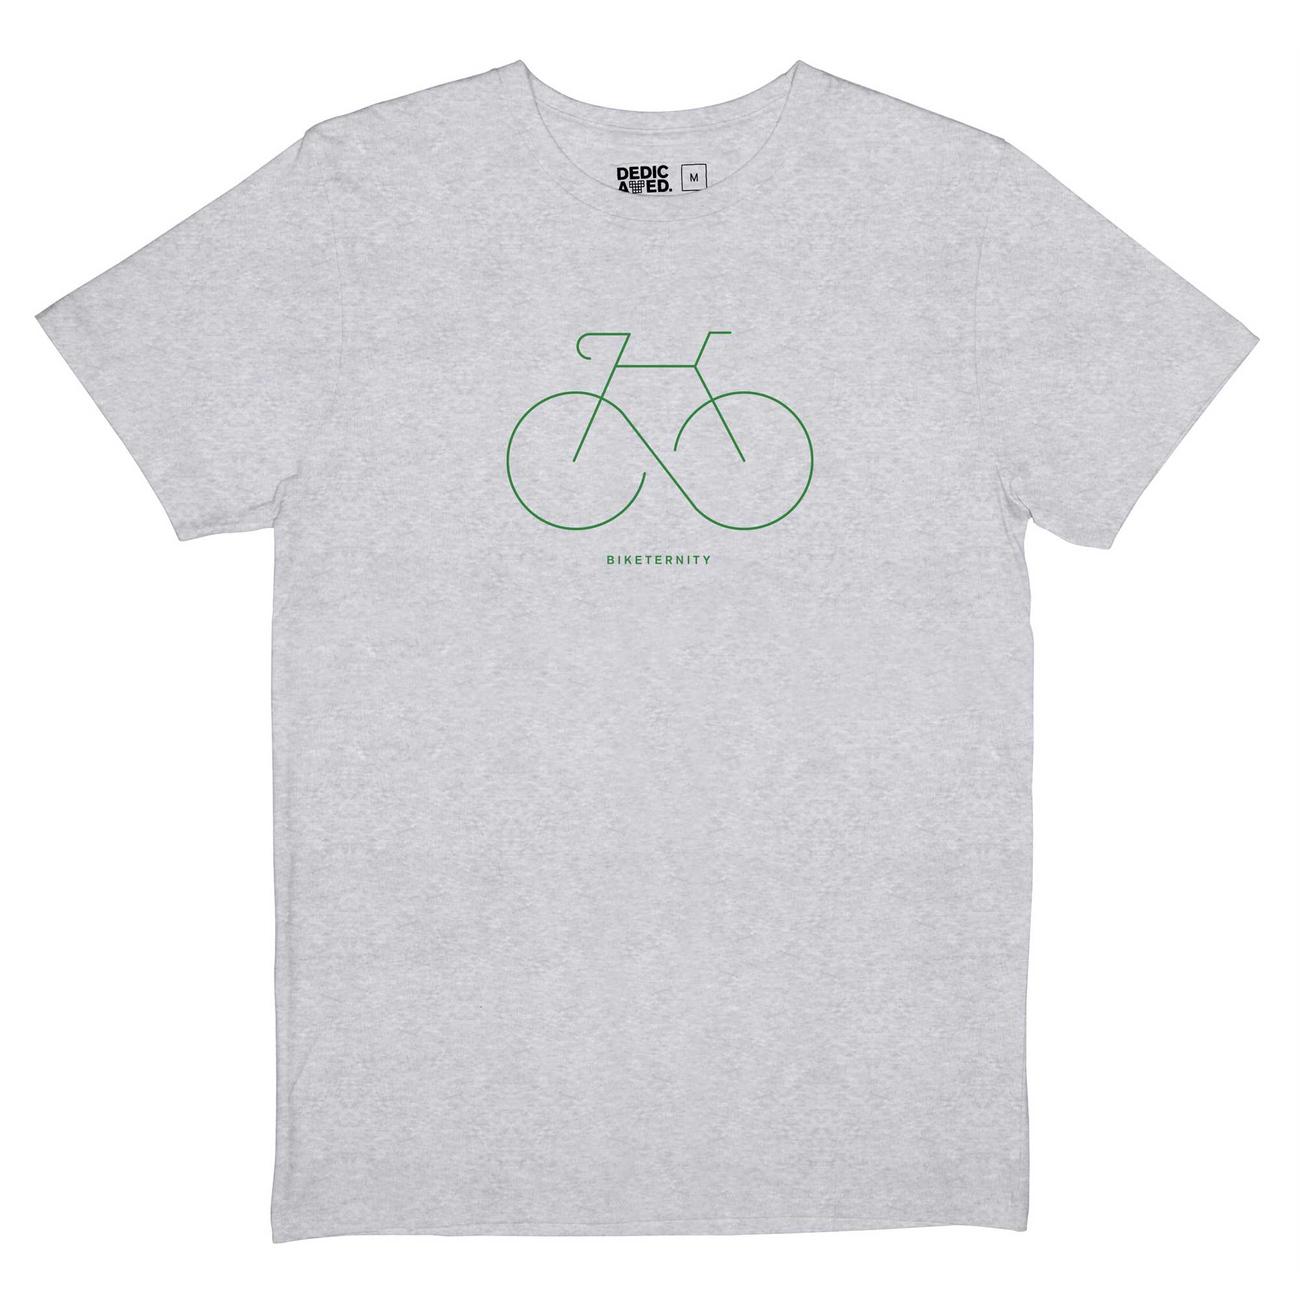 T-shirt Stockholm Biketernity Grey Melange